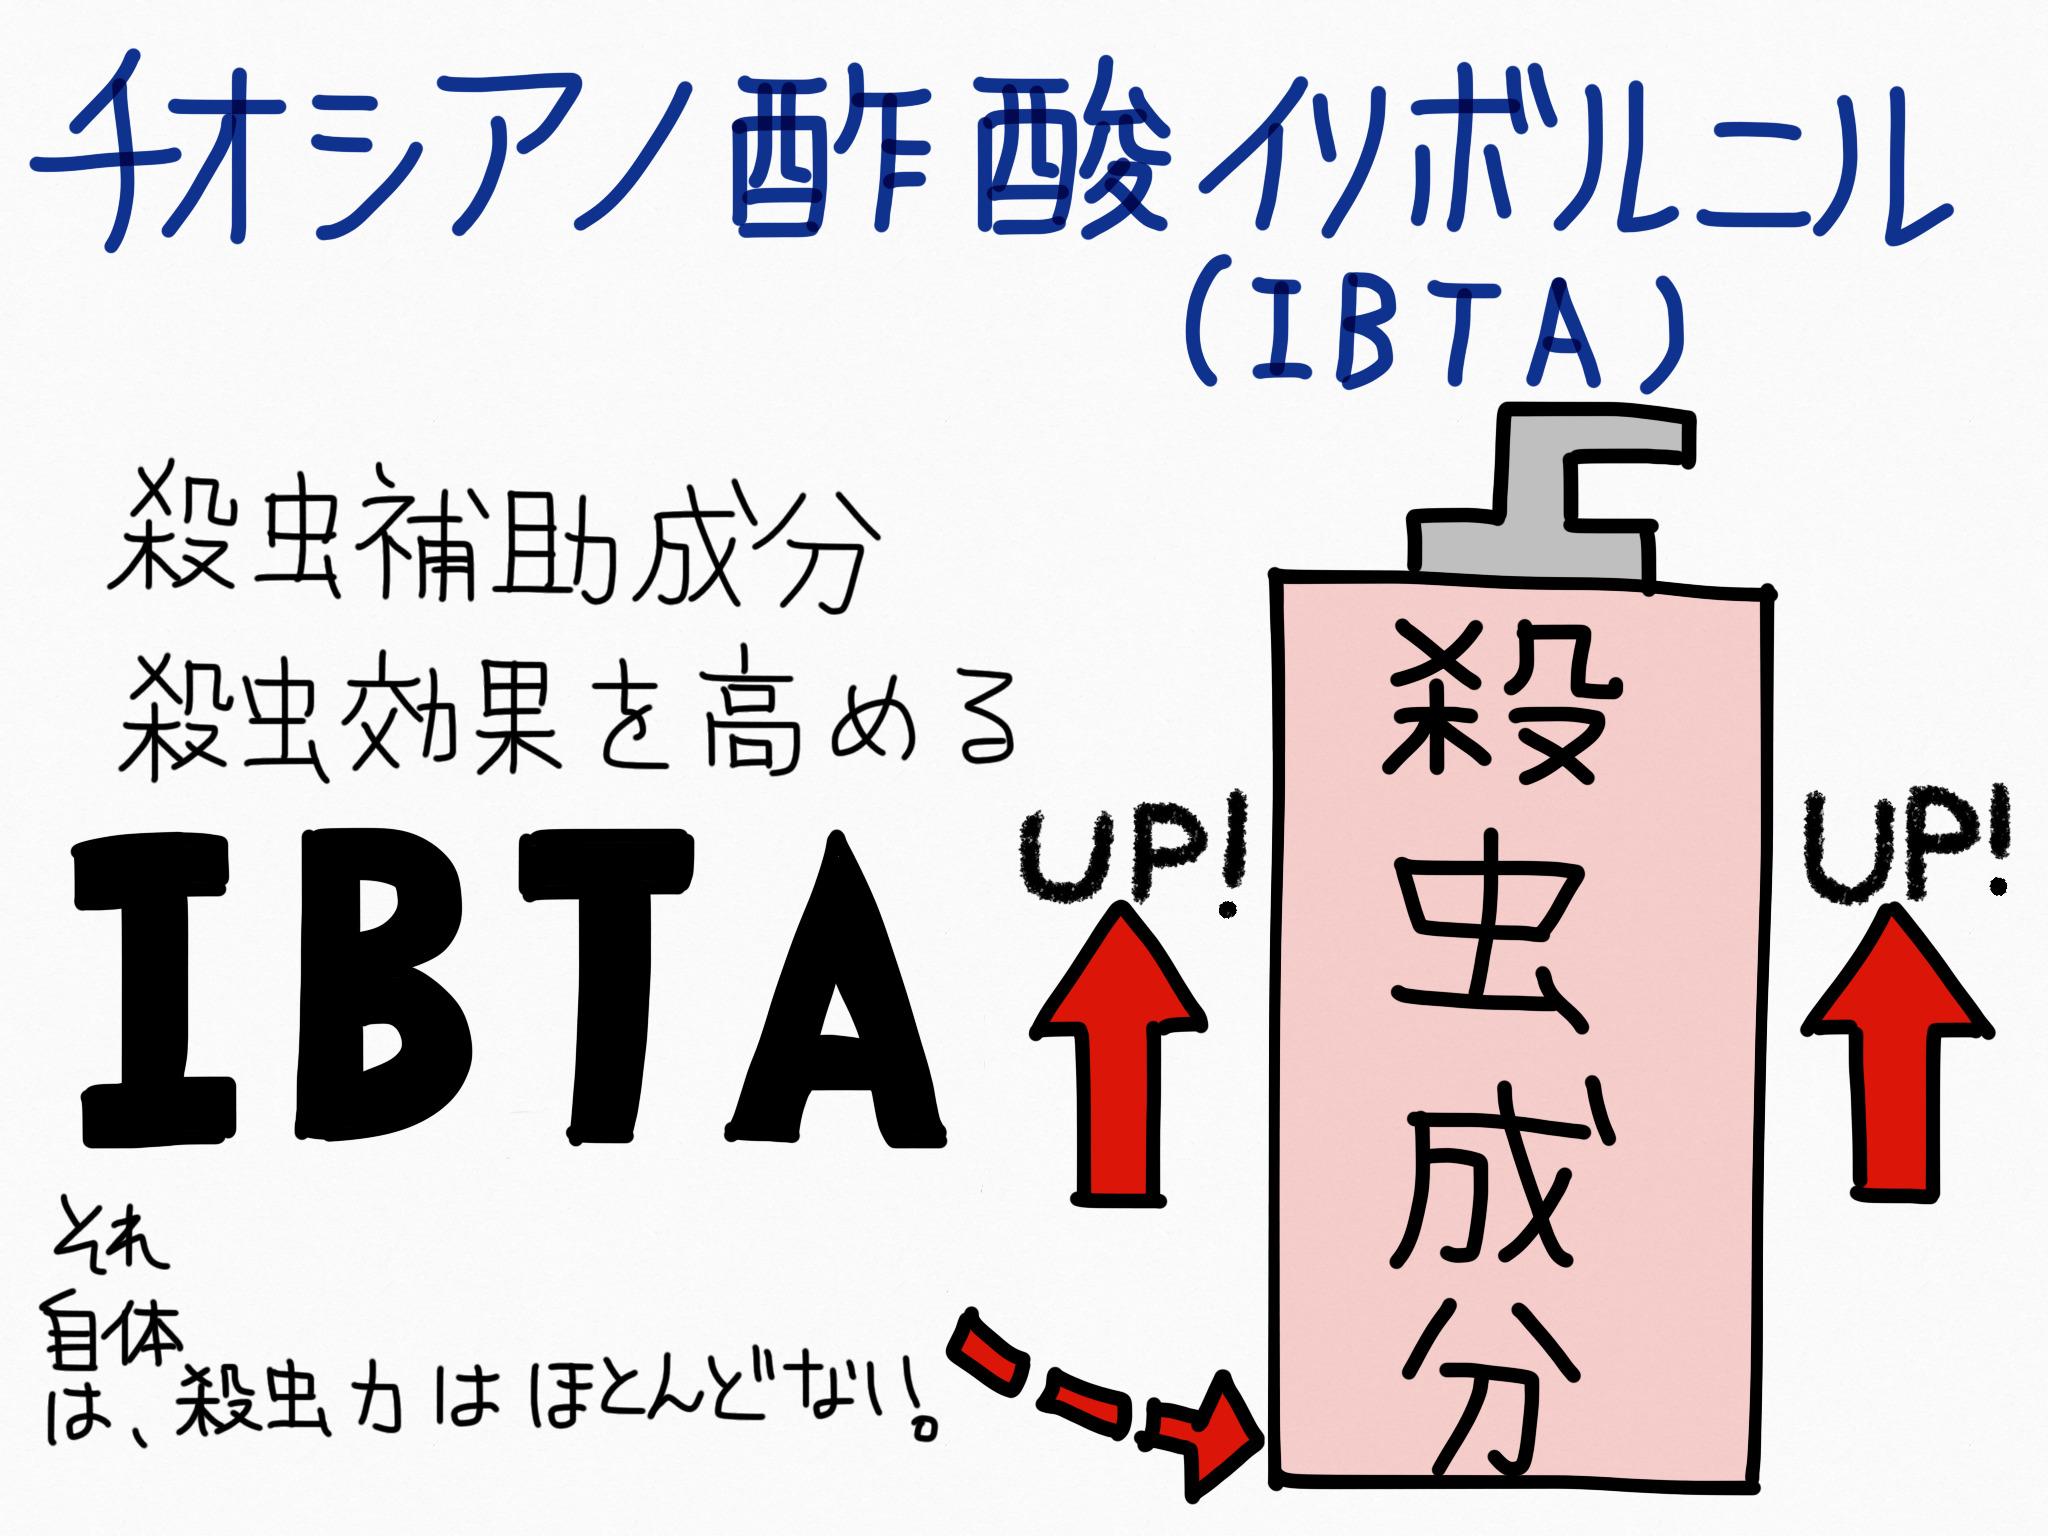 チオシアノ酢酸イソボルニル(IBTA)・殺虫剤の成分の覚え方